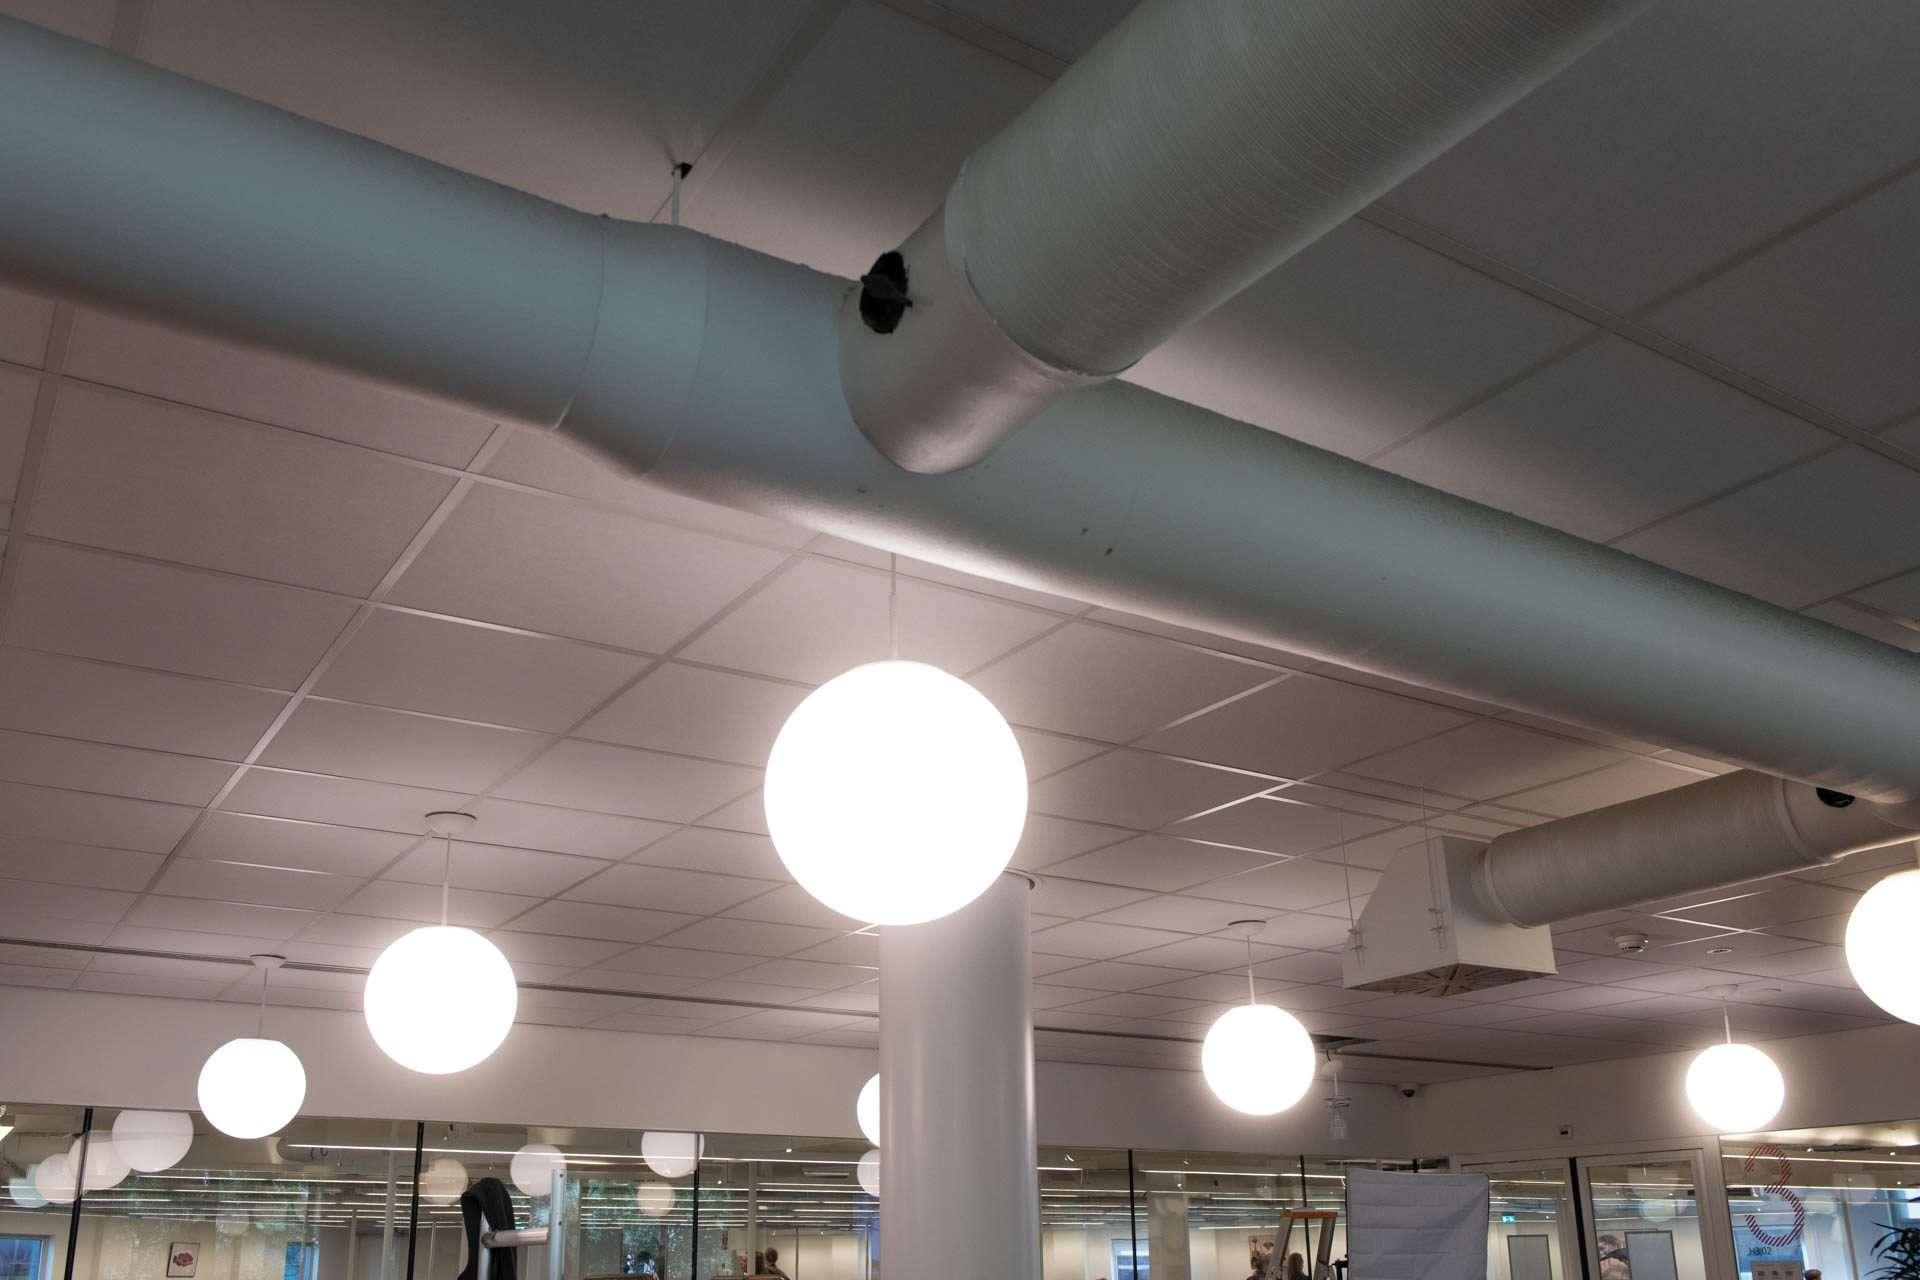 Lichtservice Nederland lichtonderhoud nieuwe LED verlichting